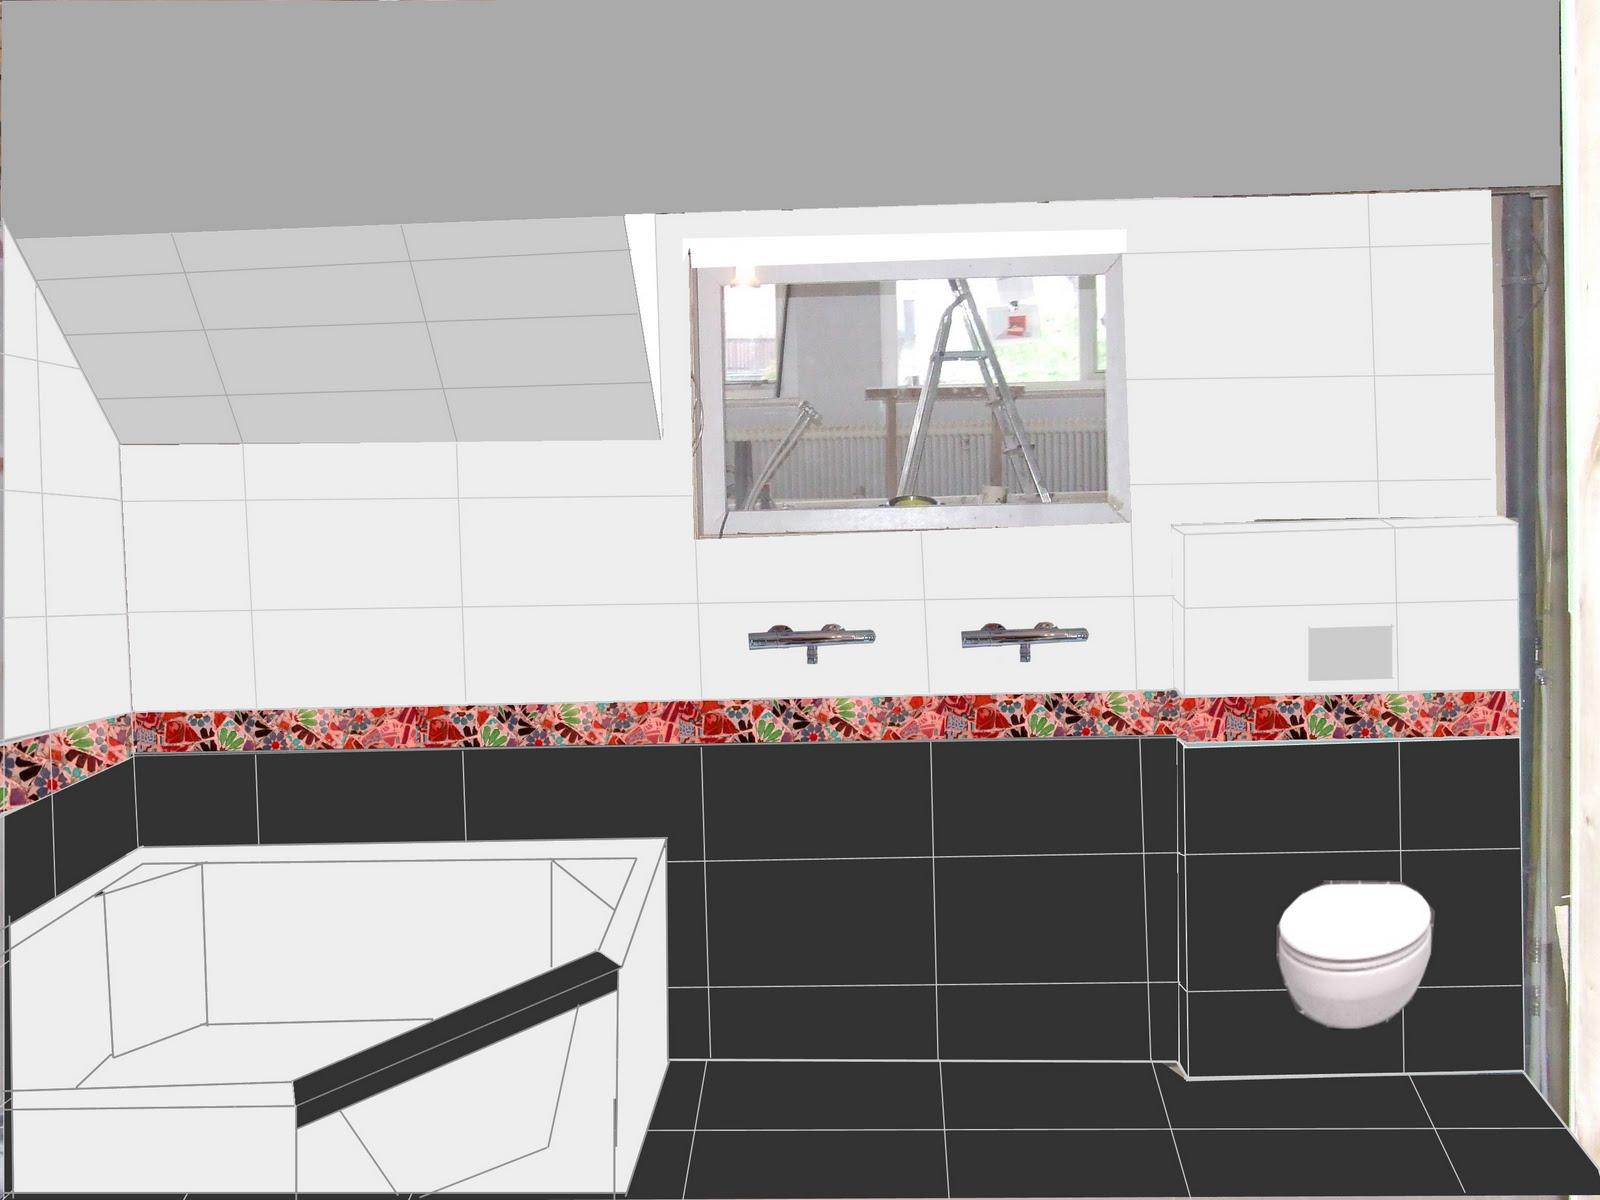 Grote Tegels Badkamer : Ziep25: de tegels in de grote badkamer